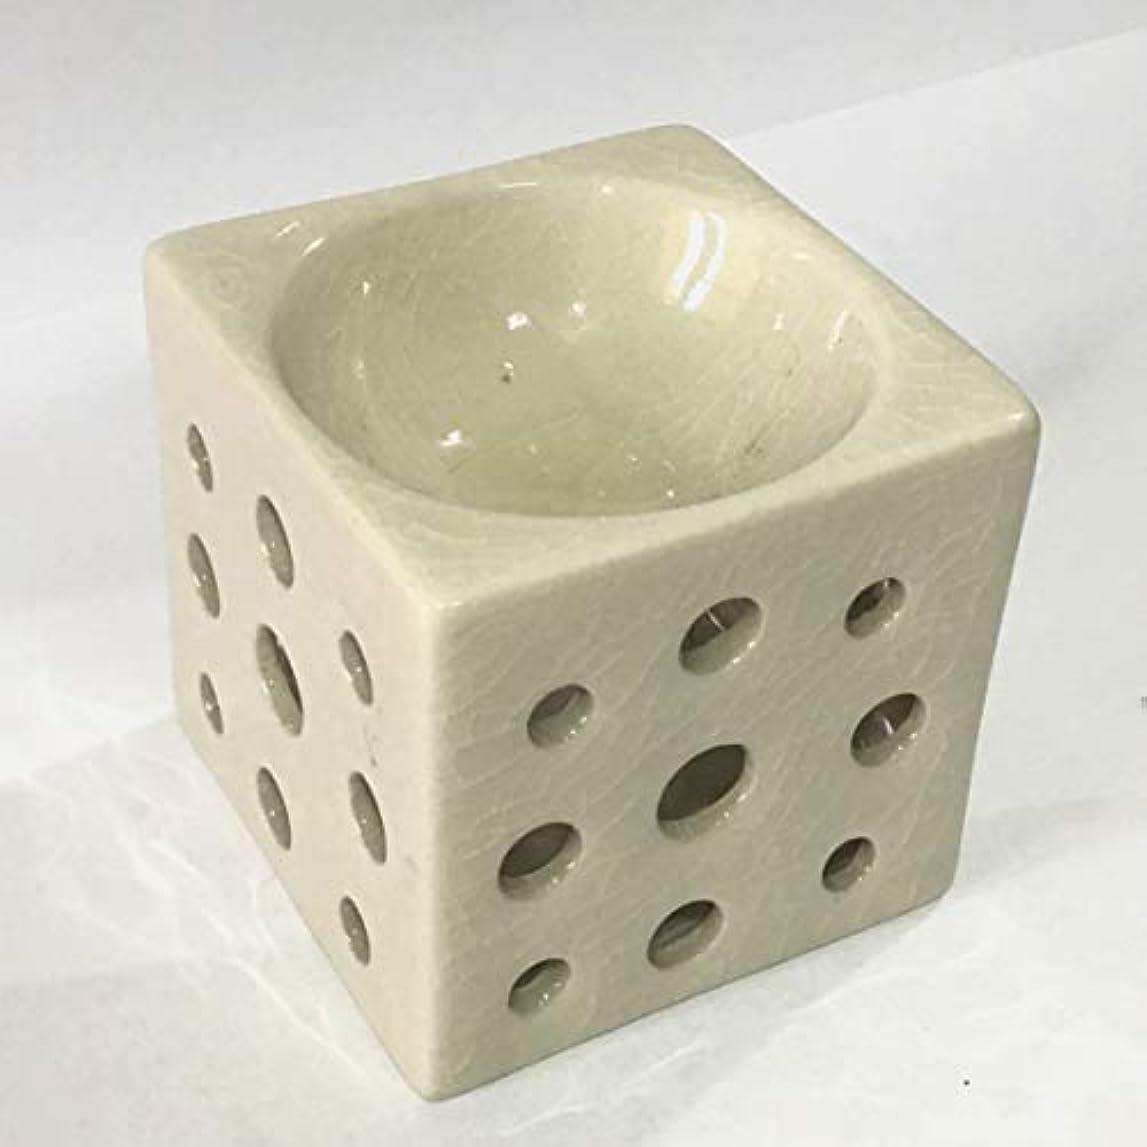 ドア落ち込んでいる直面するアロマポット 角型(白) 香炉 陶器 アロマ炉 キャンドル式 オイルバーナー